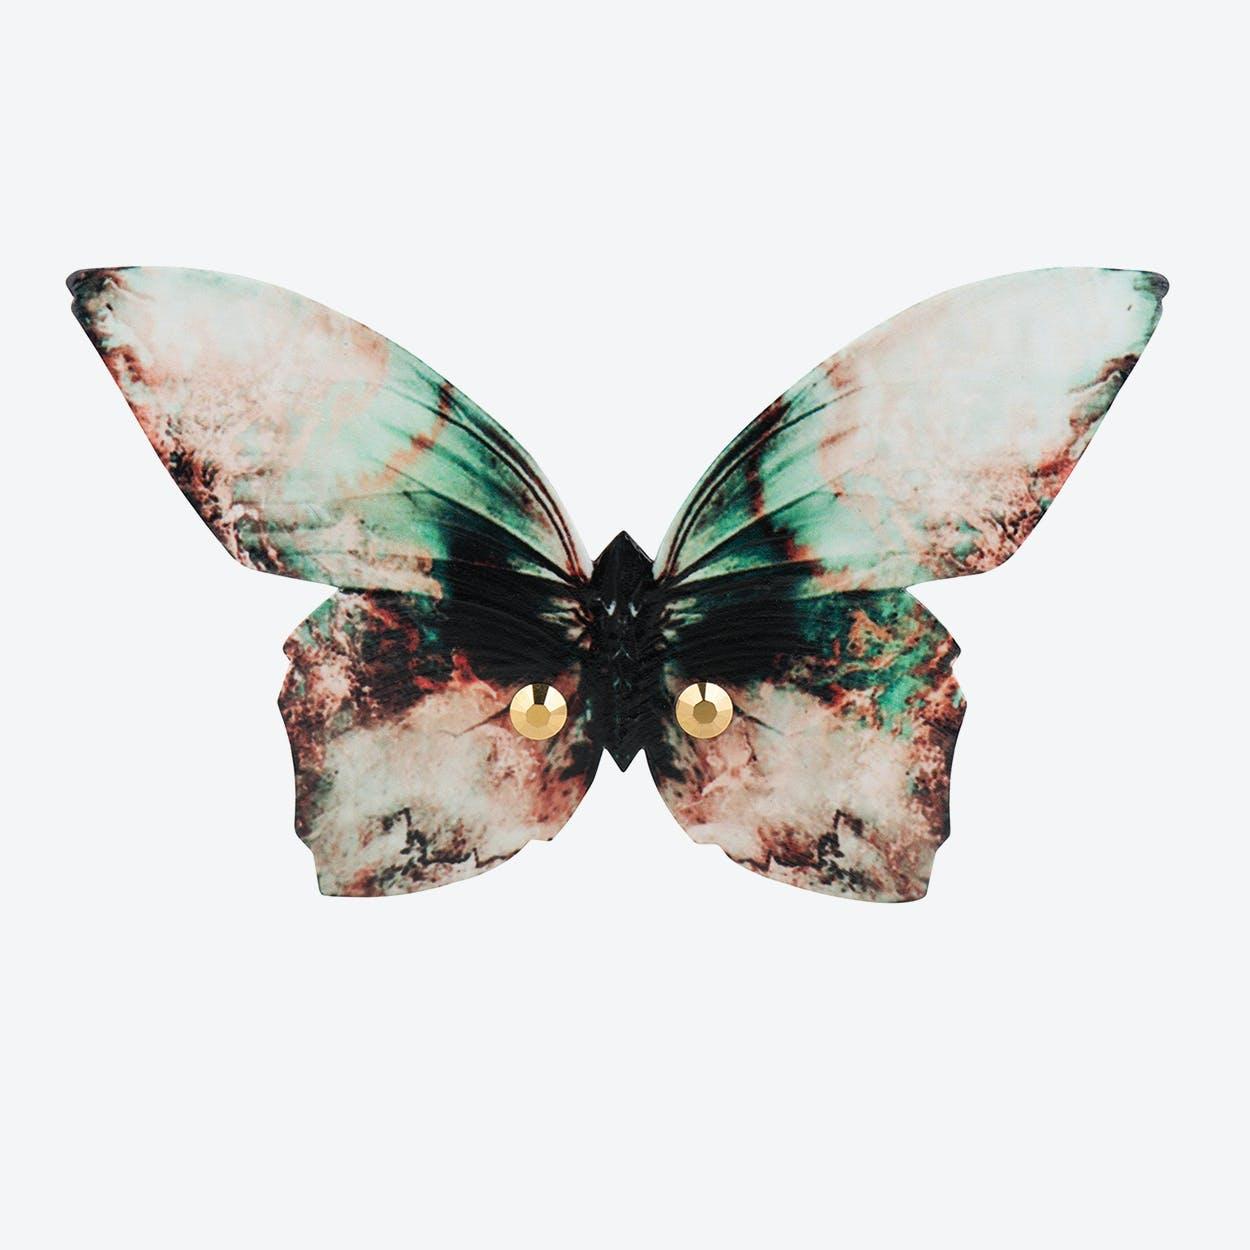 Butterfly Brooch-Tie Prosperity